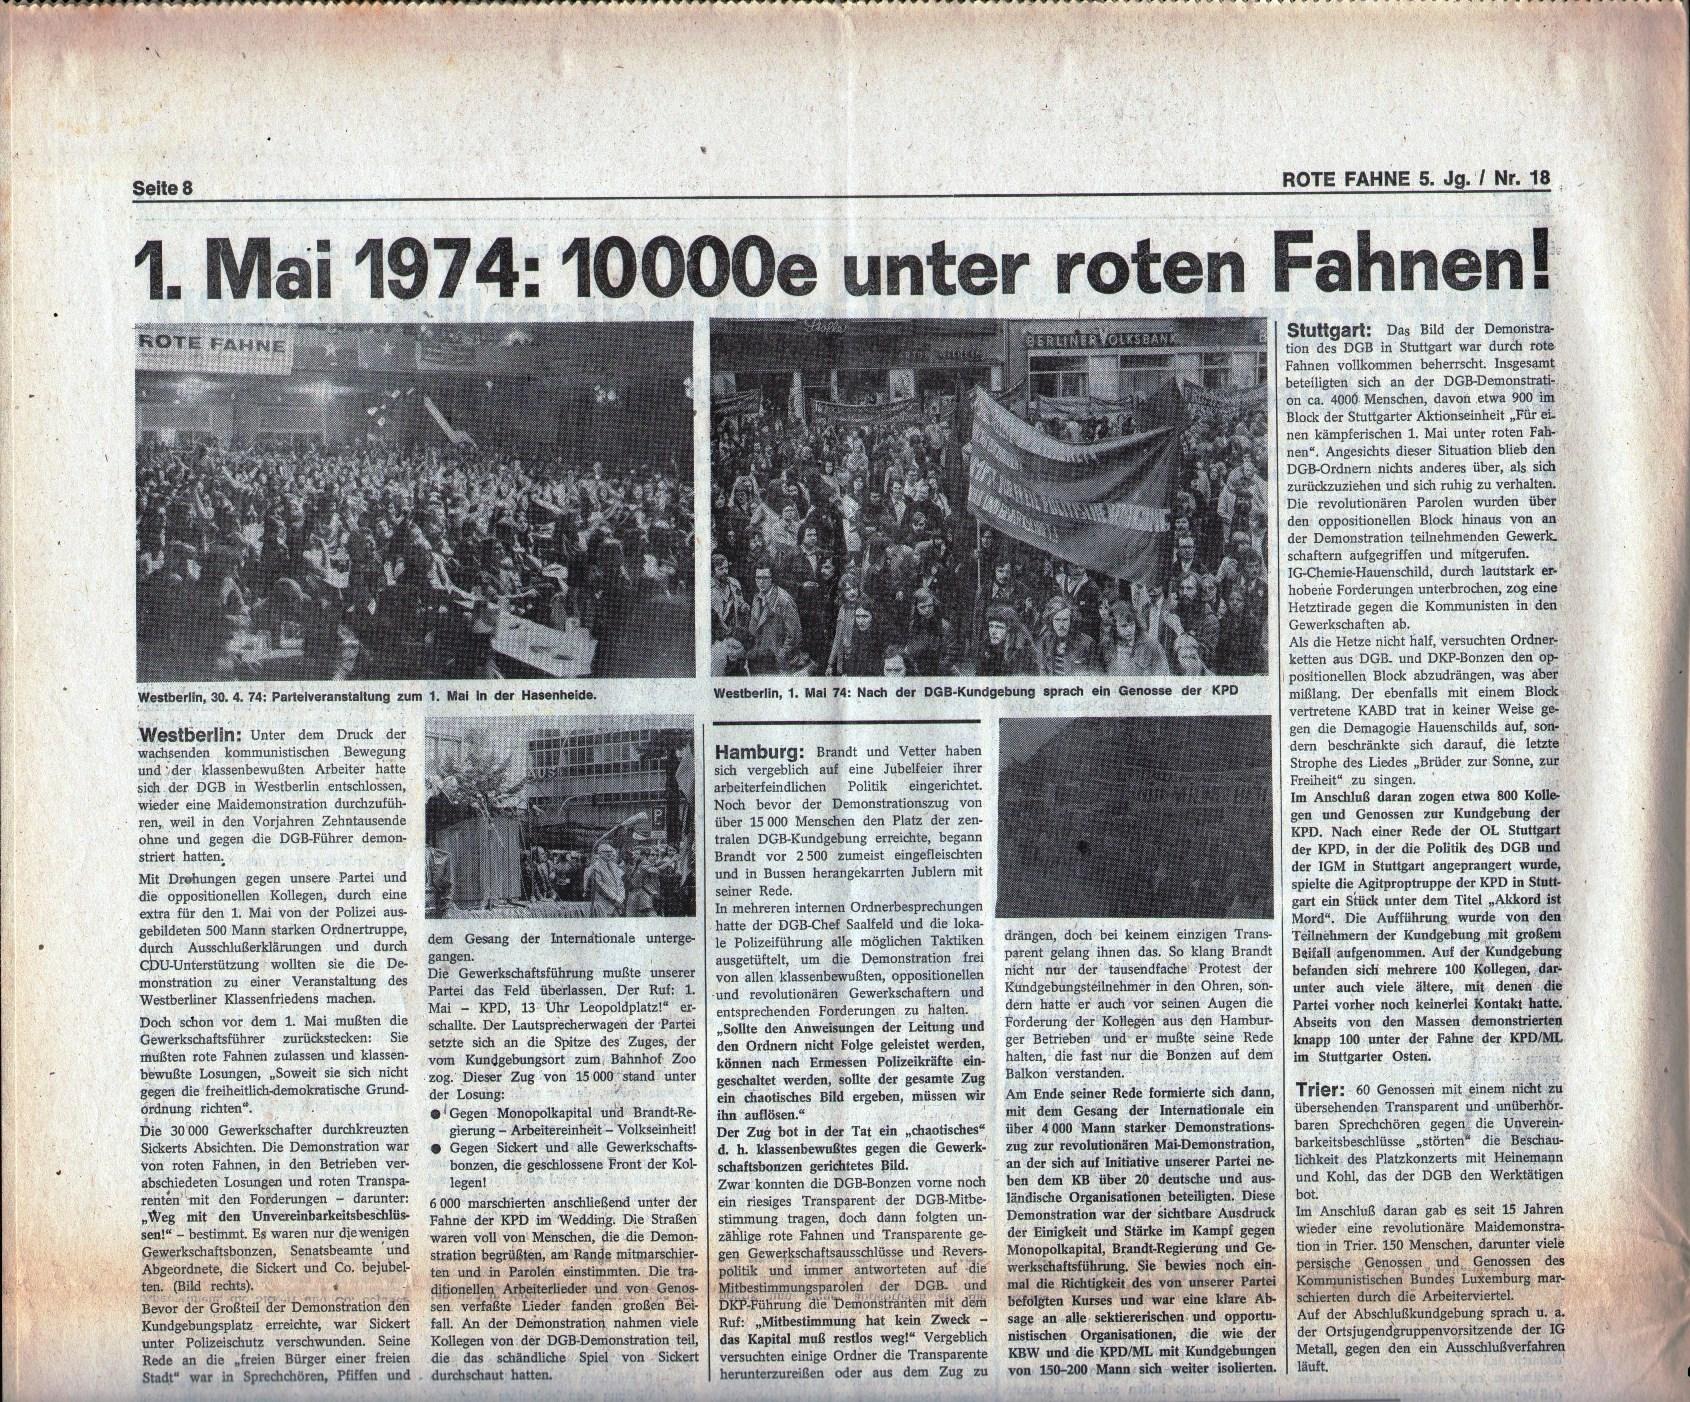 KPD_Rote_Fahne_1974_18_15